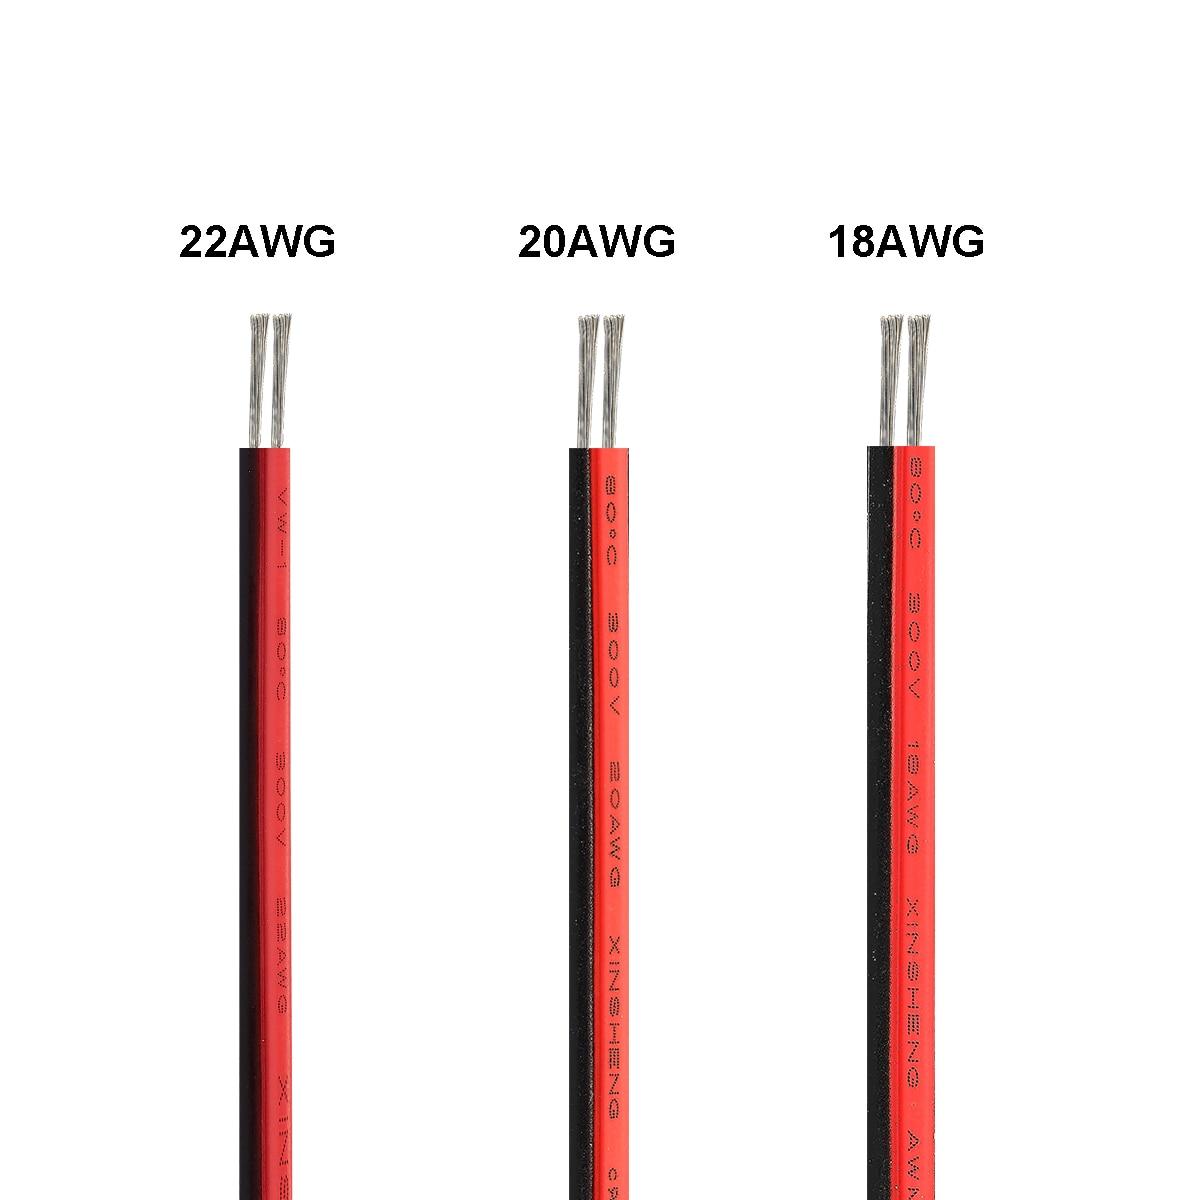 Электрический кабель 20/100 м, 2-контактный провод для светодиодов ленточный кабель 22AWG 12 В луженая медная проволока для светодиодного драйвер...